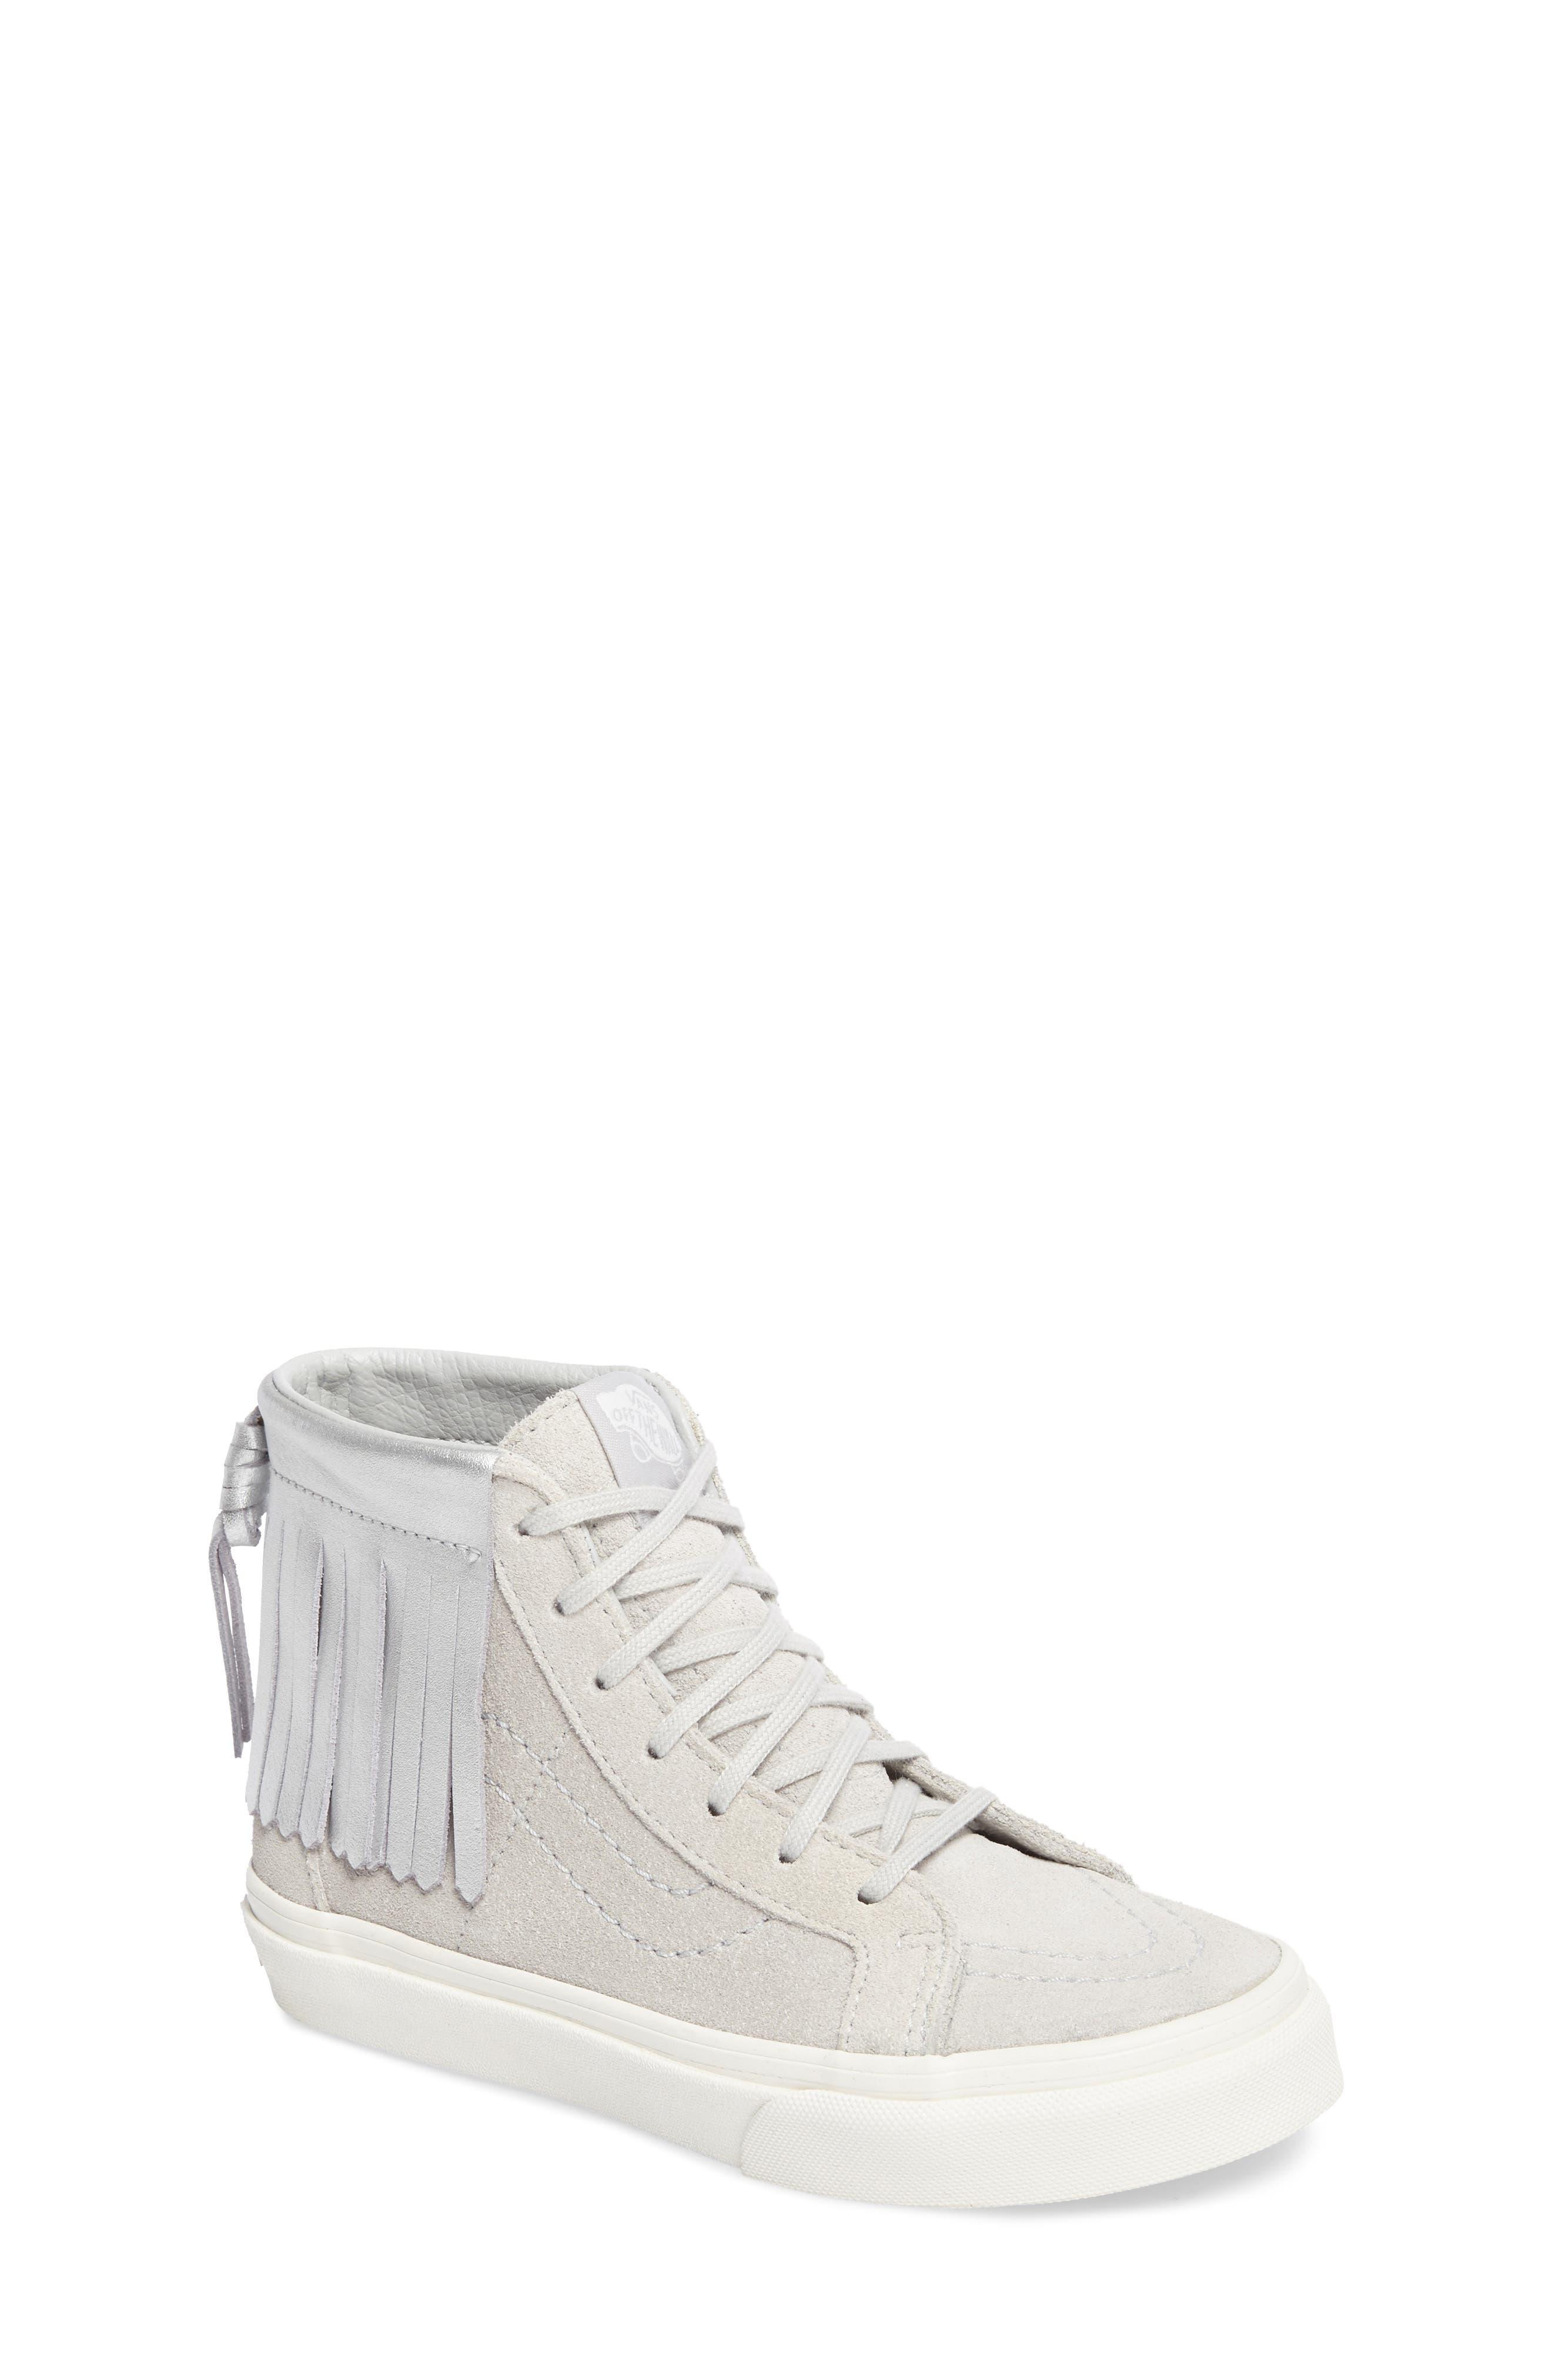 Sk8-Hi Moc Sneaker,                         Main,                         color, Metallic Glacier Gray